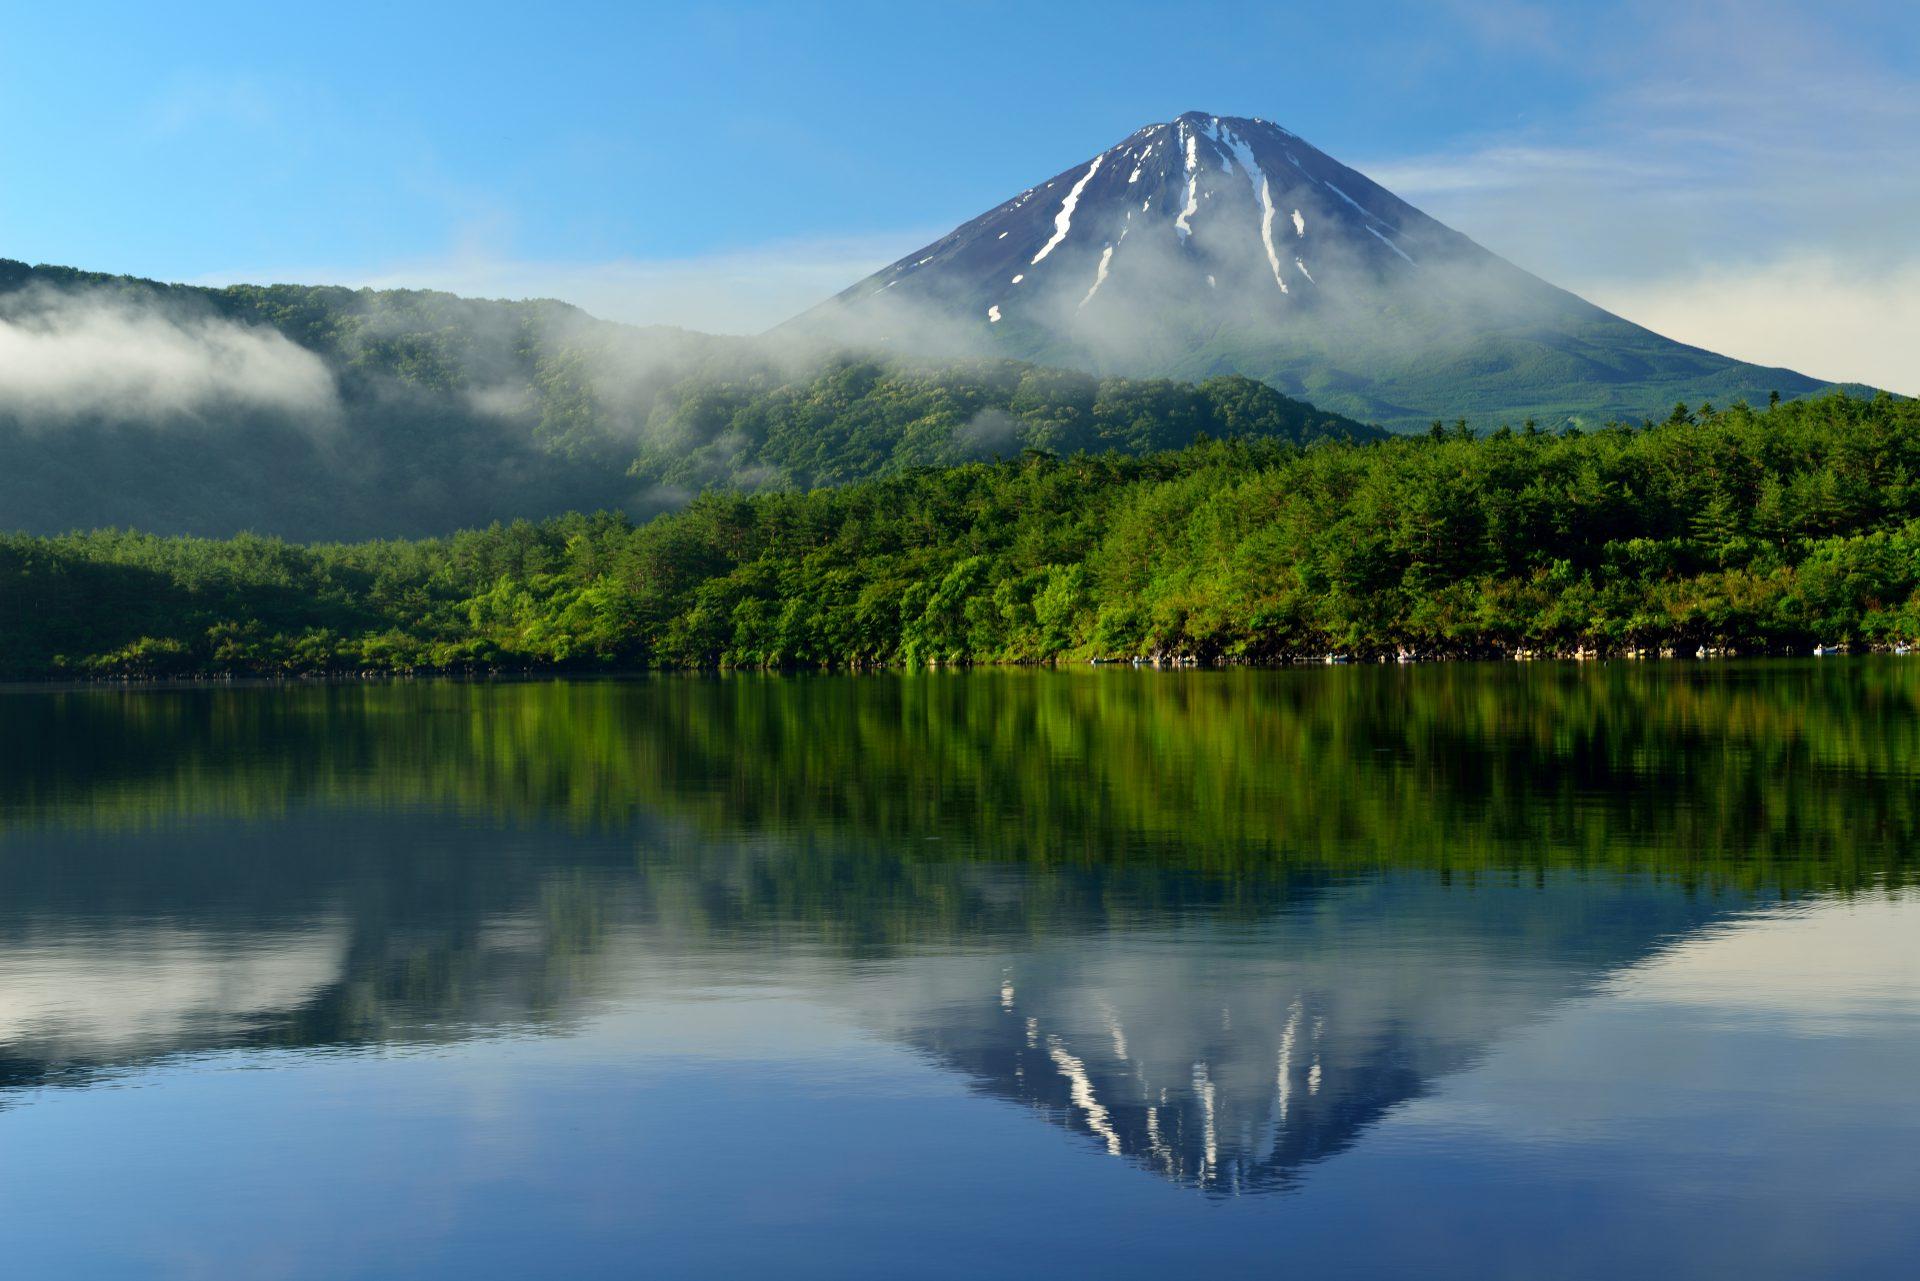 山梨県富士河口湖にある西湖から見た富士山の写真。水面に逆さ富士が映る